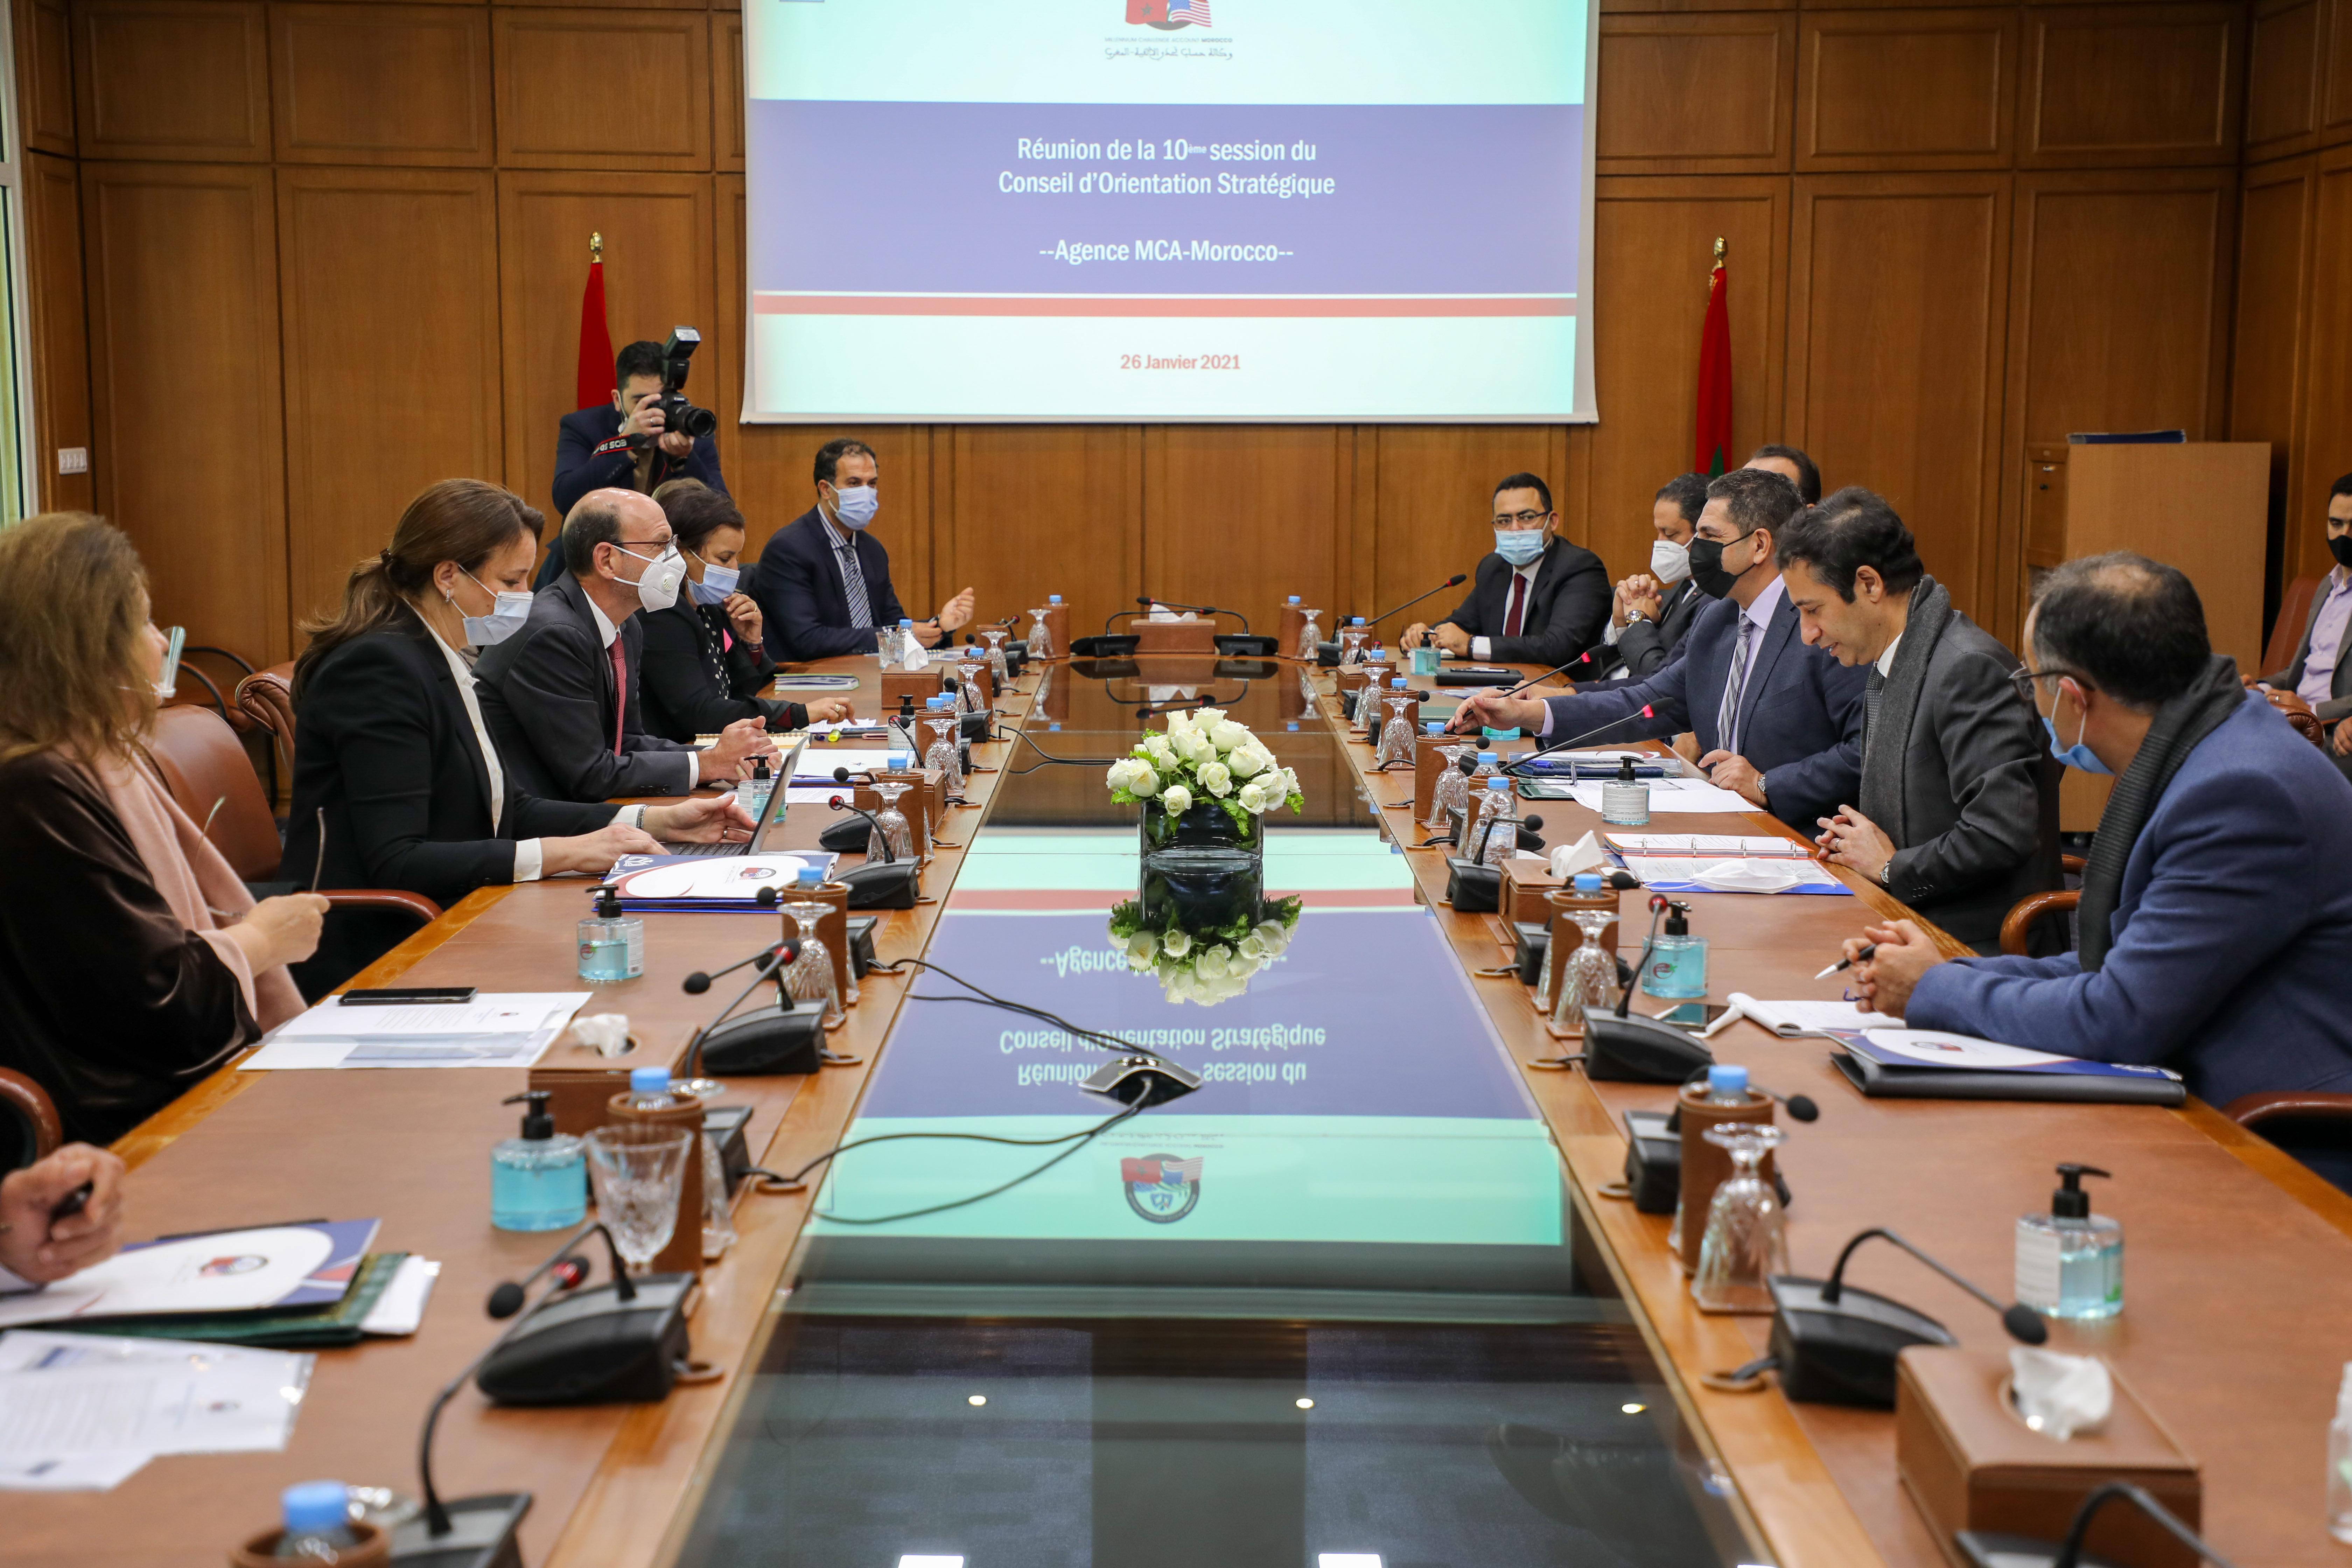 انعقاد الدورة العاشرة لمجلس التوجيه الاستراتيجي لوكالة حساب تحدي الألفية-المغرب